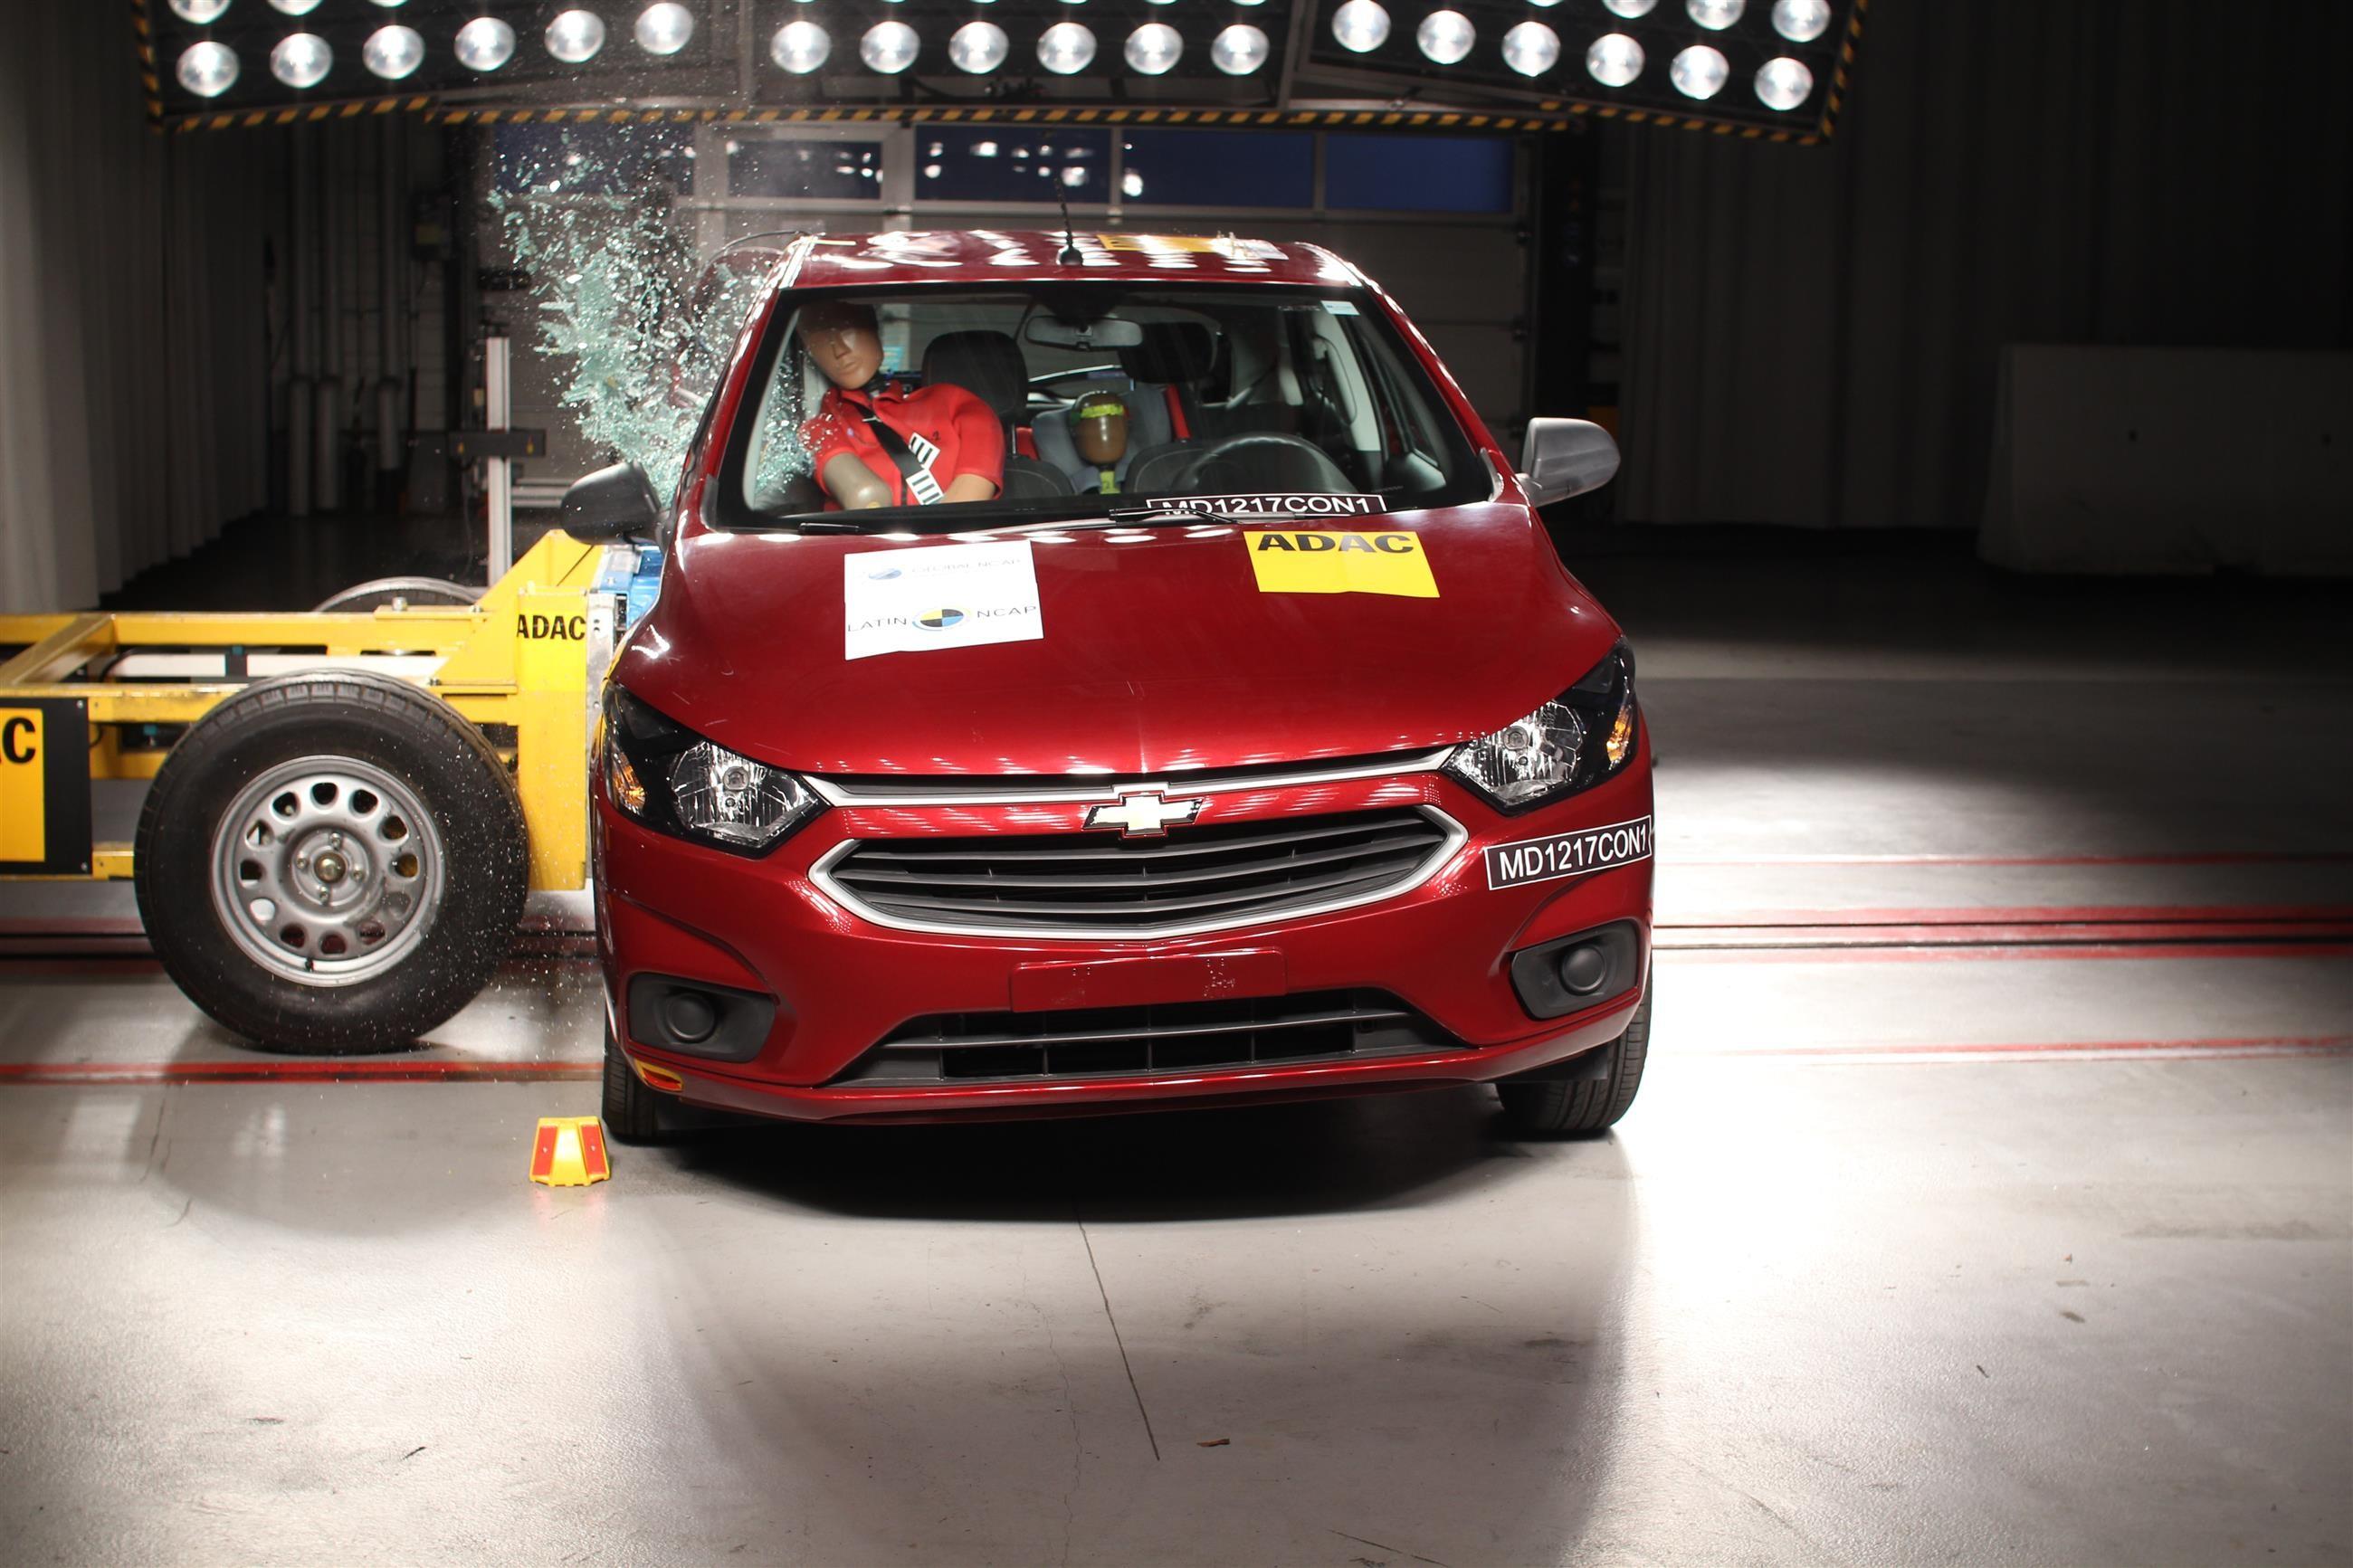 Ministério Público exige recall de 1,2 milhão de Chevrolet Onix no Brasil